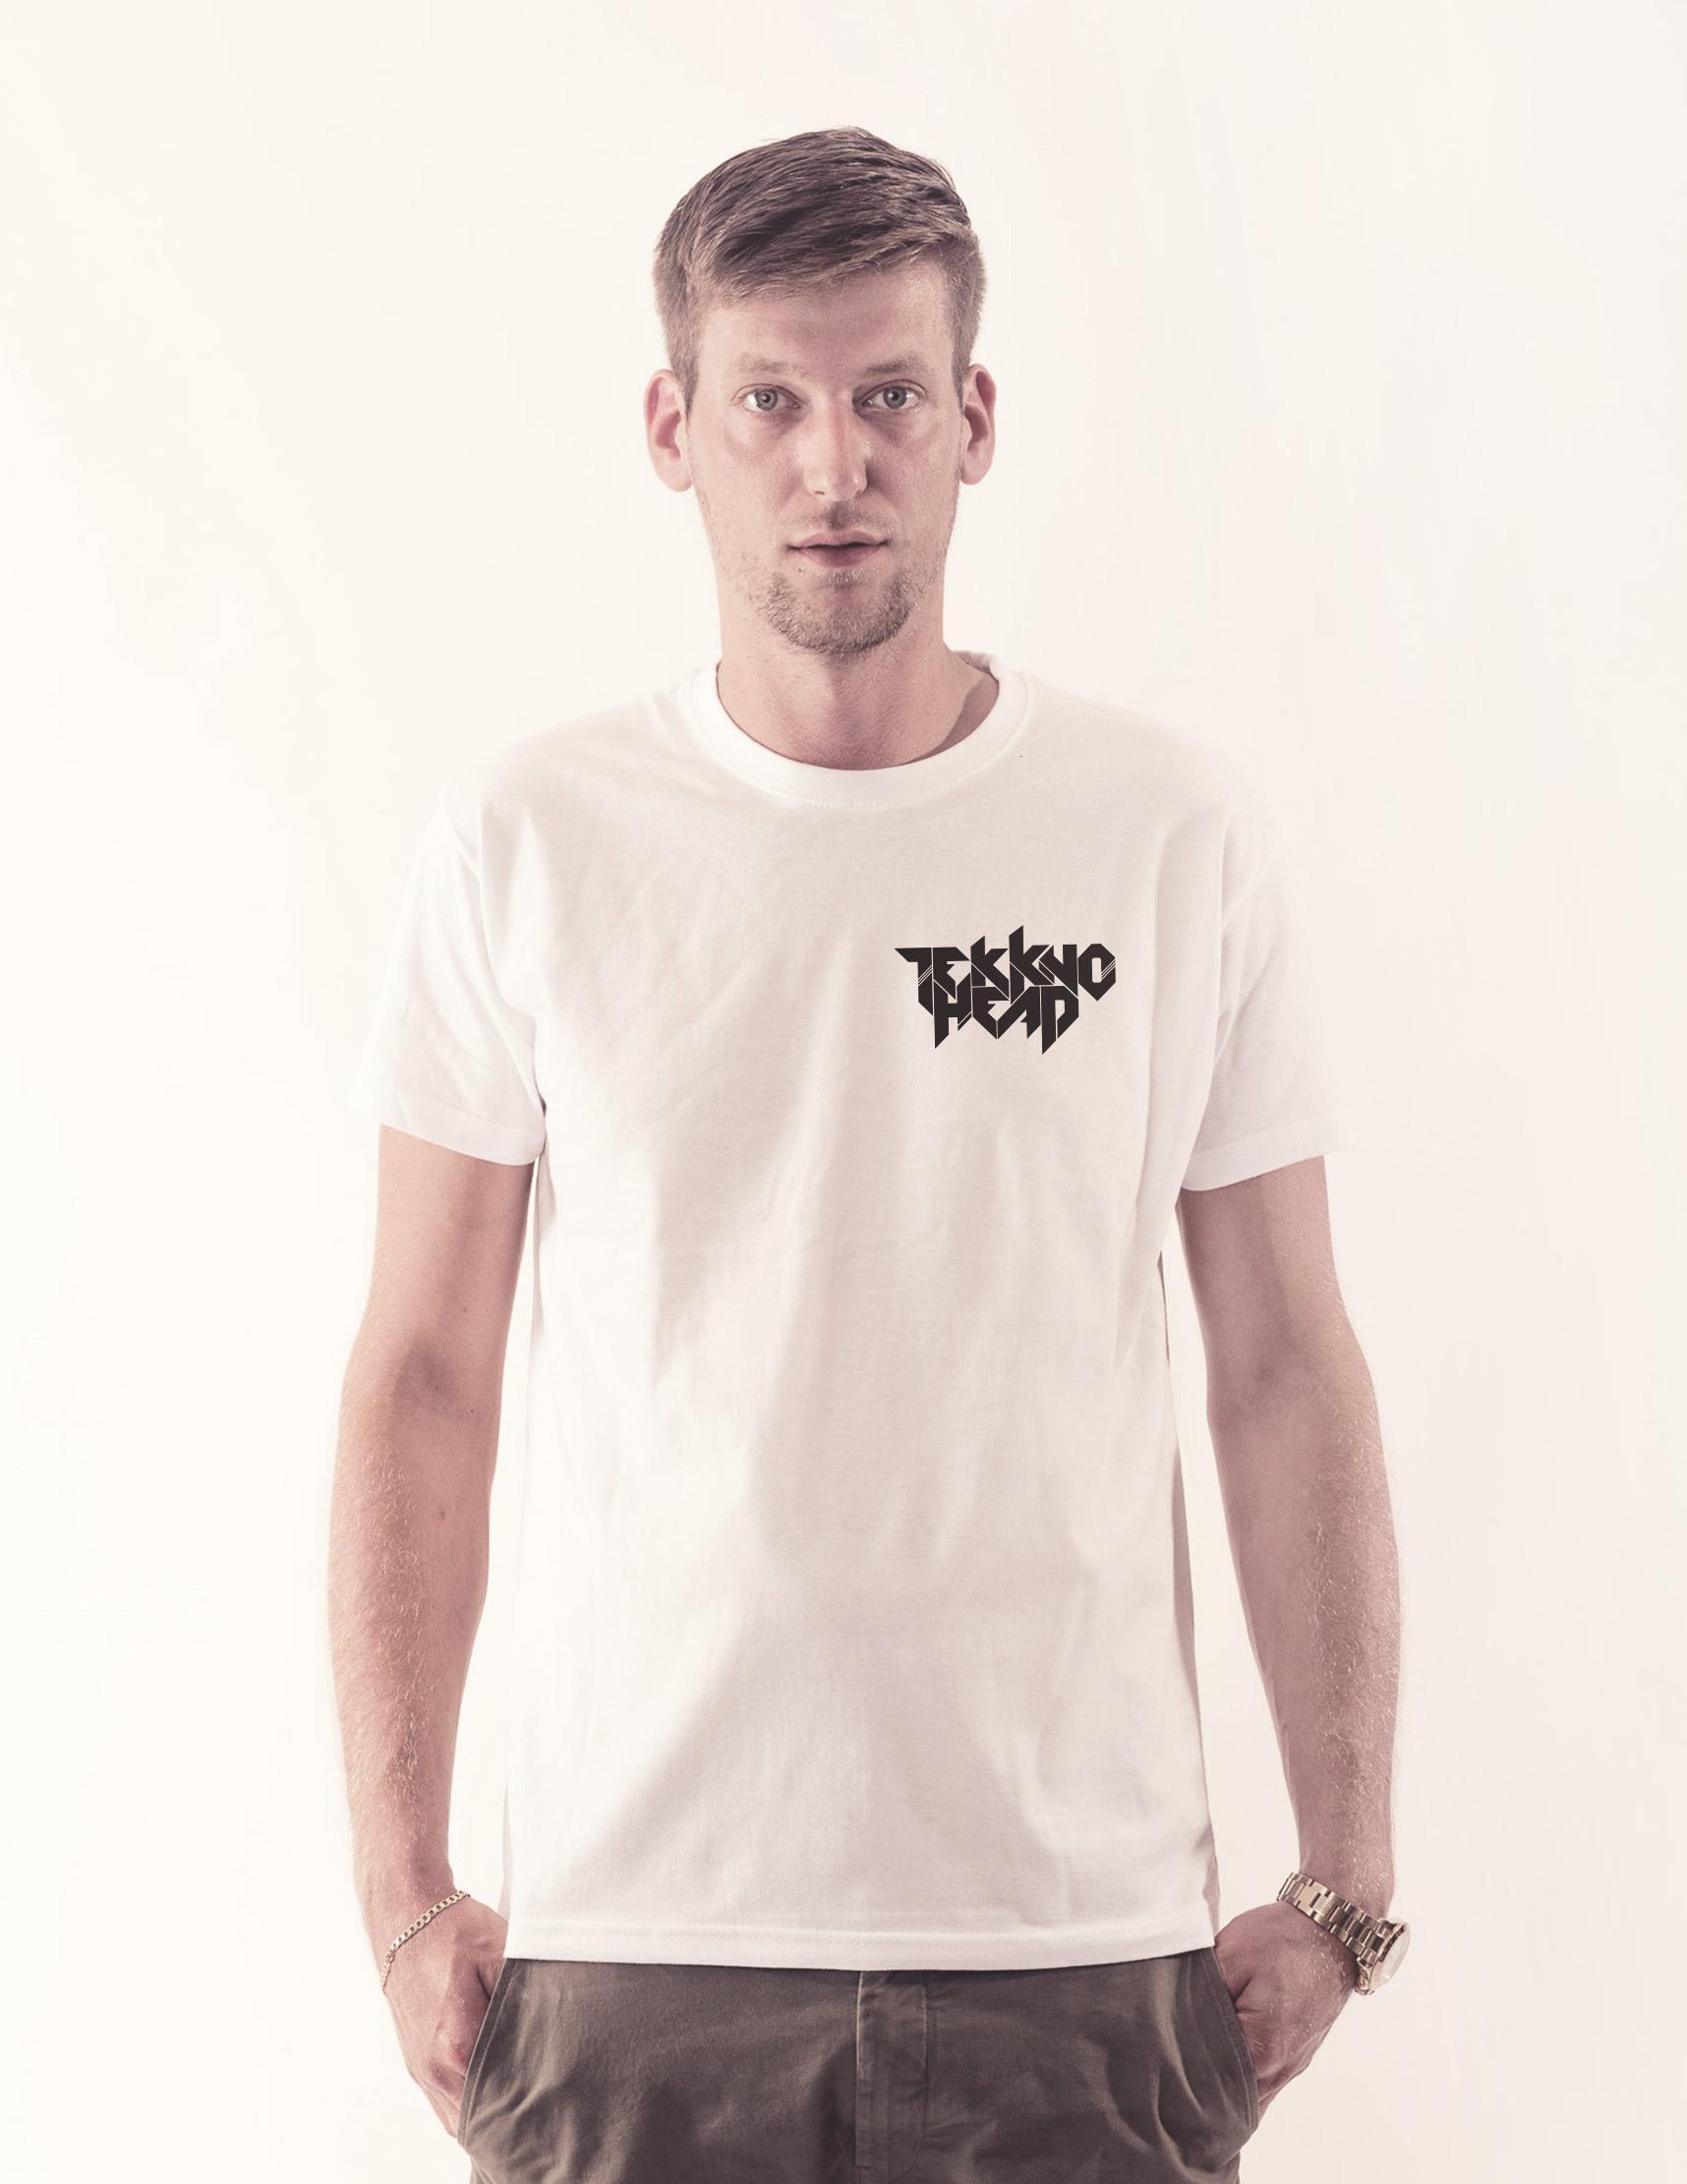 TEKKNOHEAD BRAND Shirt schwarz auf weiß